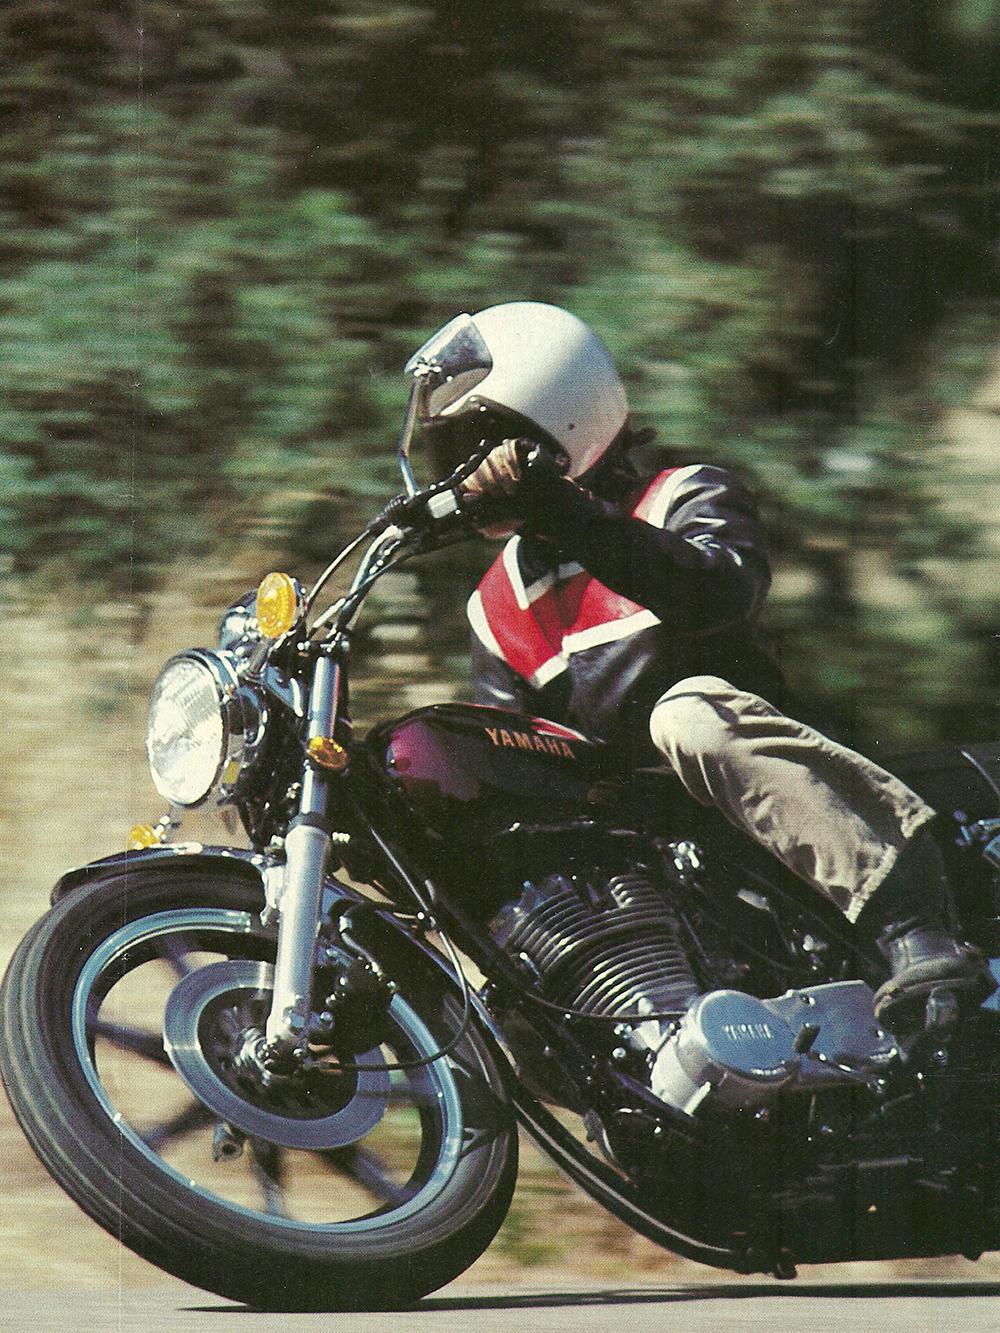 1980 Yamaha SR500 G road test 01.jpg